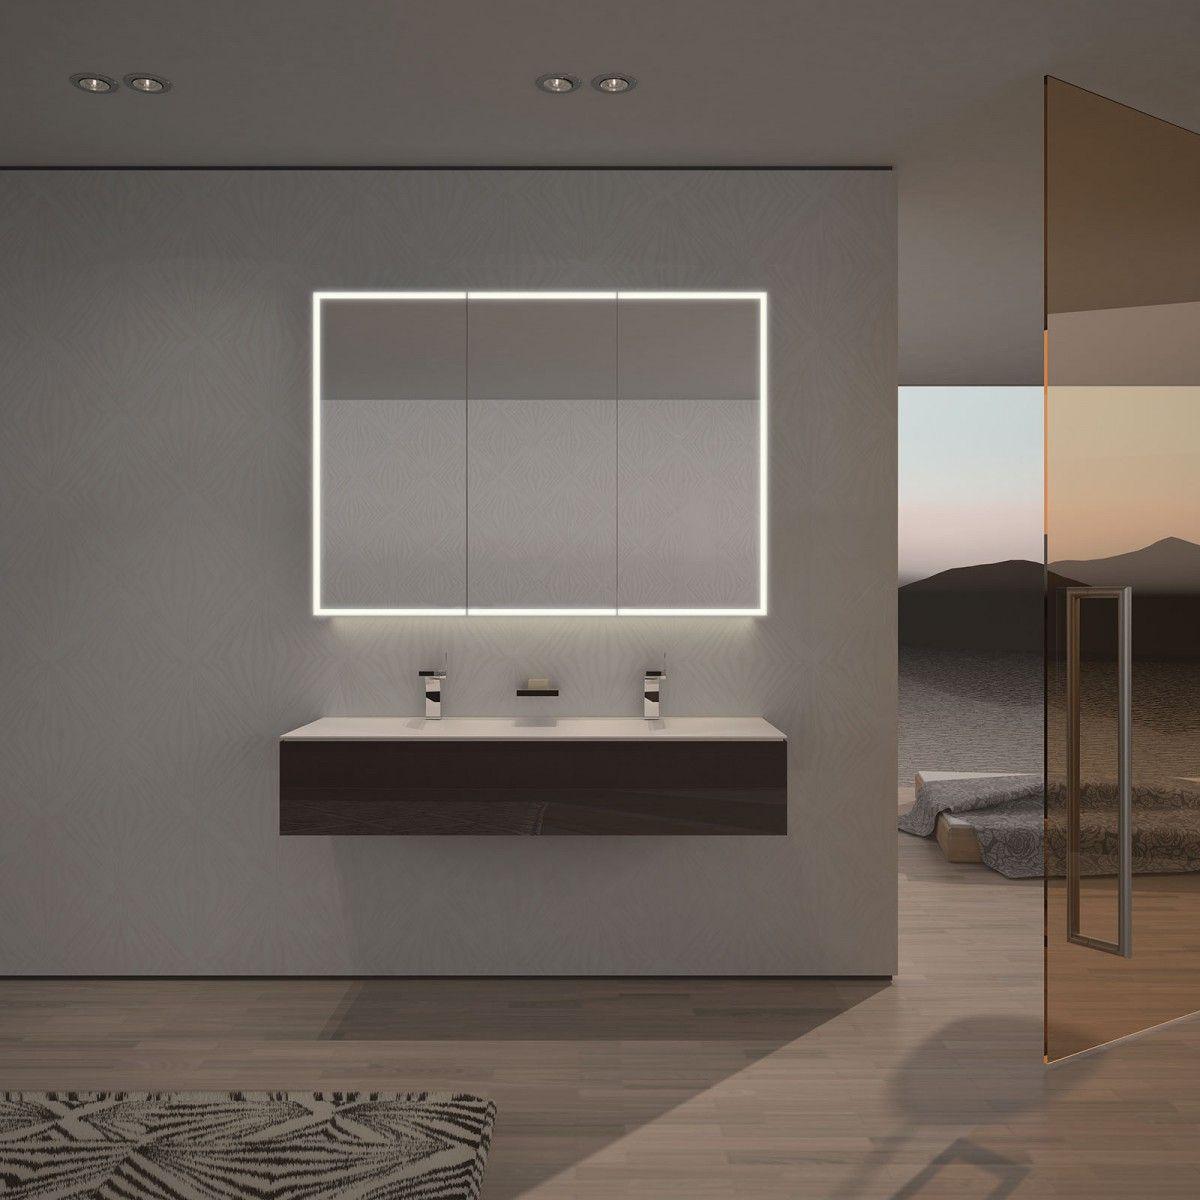 Spiegelschrank Nach Mass Mit Led Credo Badezimmer Spiegelschrank Spiegelschrank Badezimmer